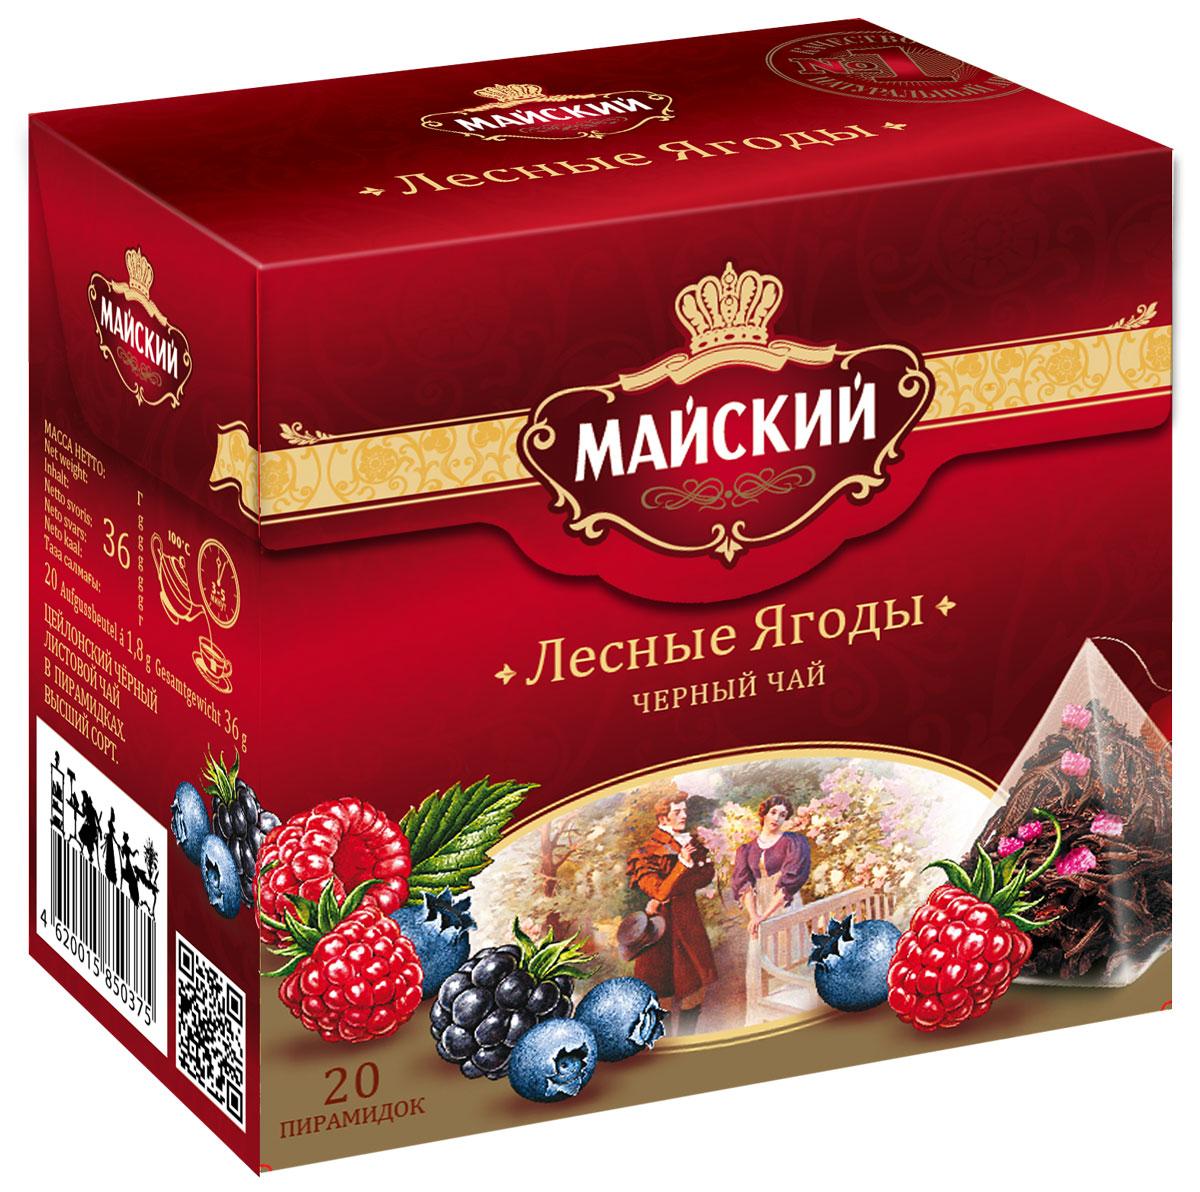 Майский Лесные ягоды черный чай в пирамидках, 20 шт чай черный ароматизированный майский лесные ягоды 25 пакетиков